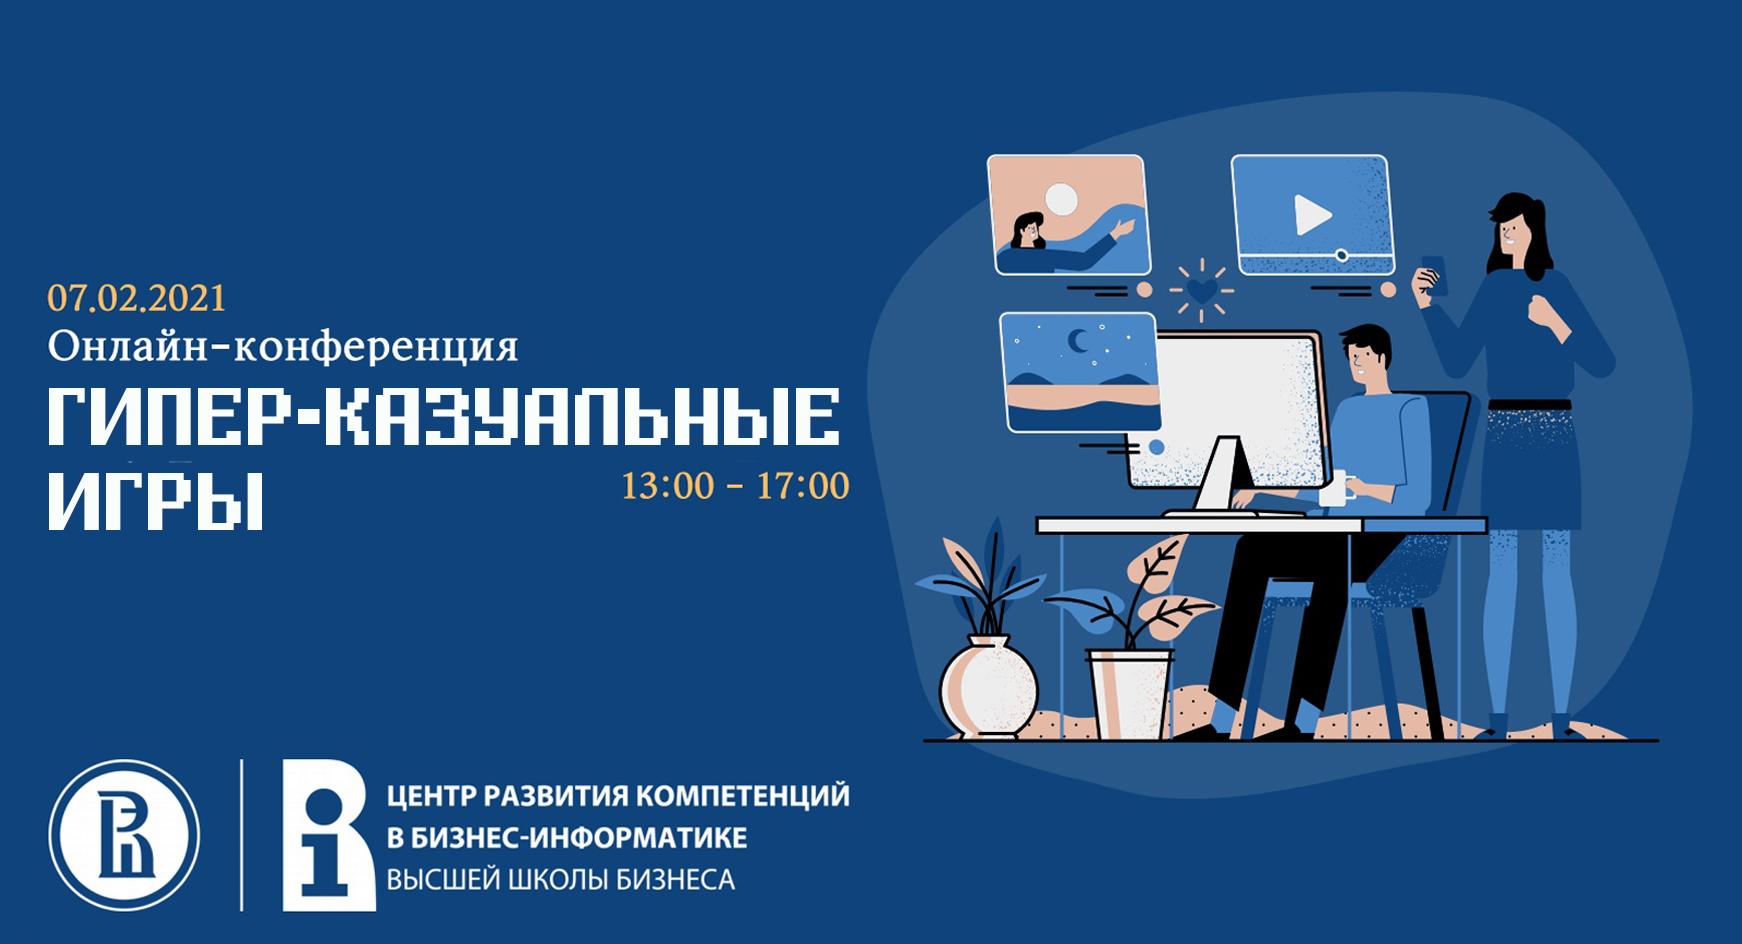 Бесплатная онлайн-конференция по гипер-казуальным играм